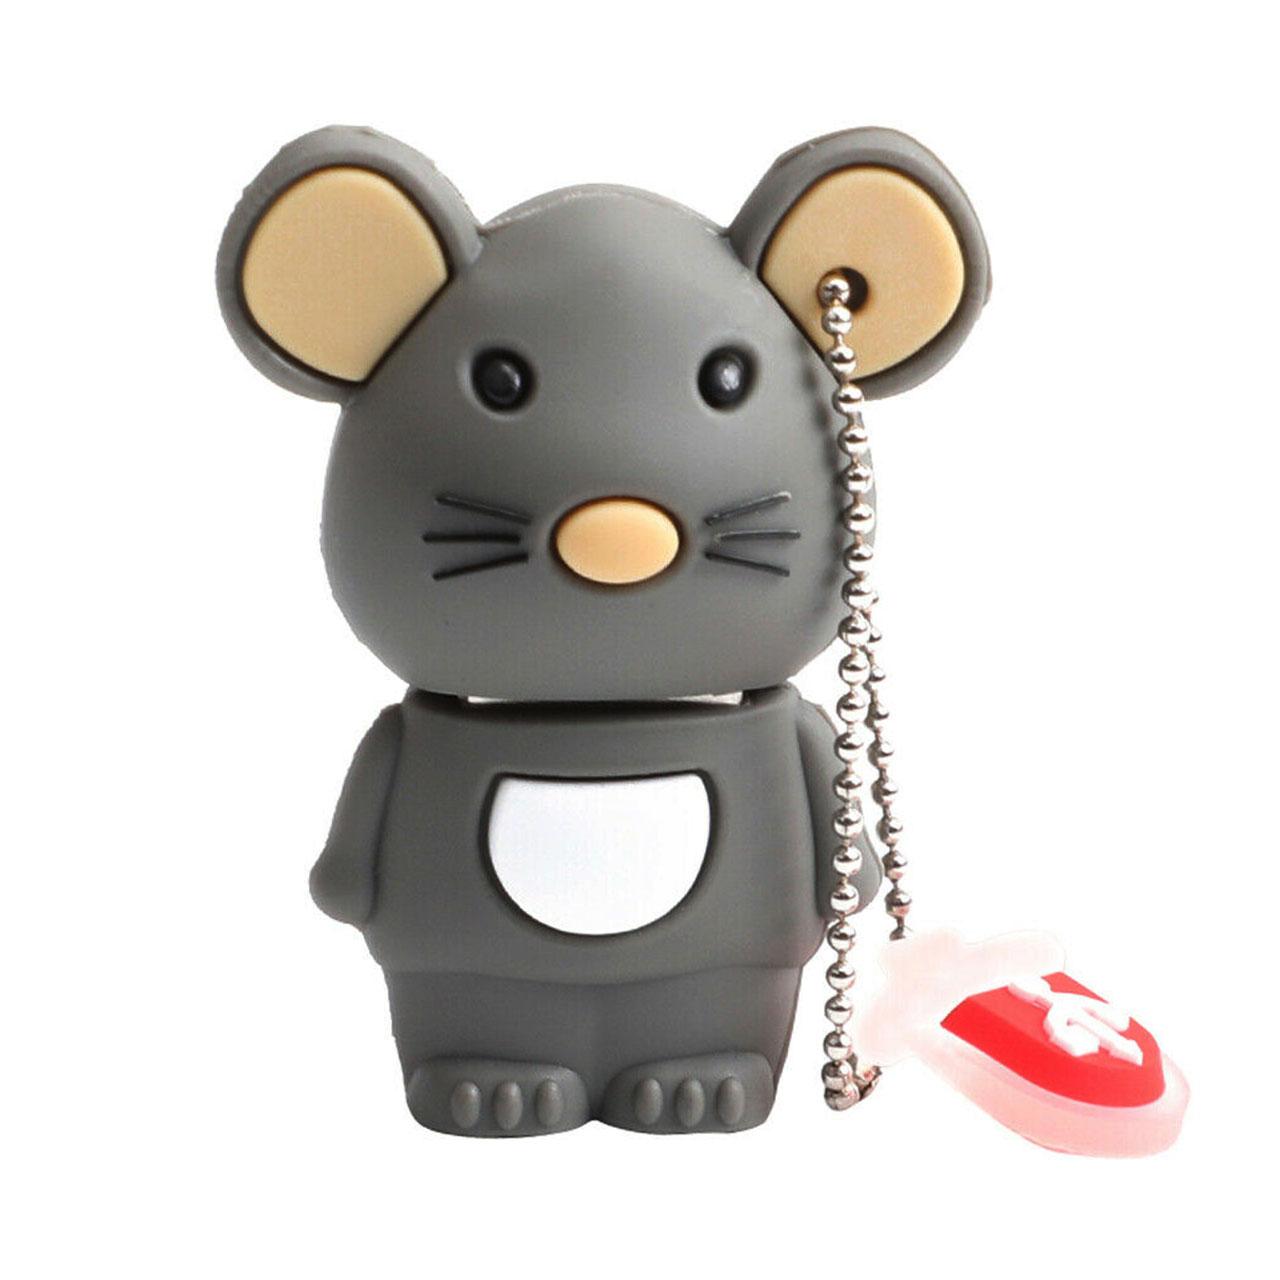 بررسی و {خرید با تخفیف} فلش مموری طرح موش مدل Ul-Mouse01 ظرفیت 128 گیگابایت اصل